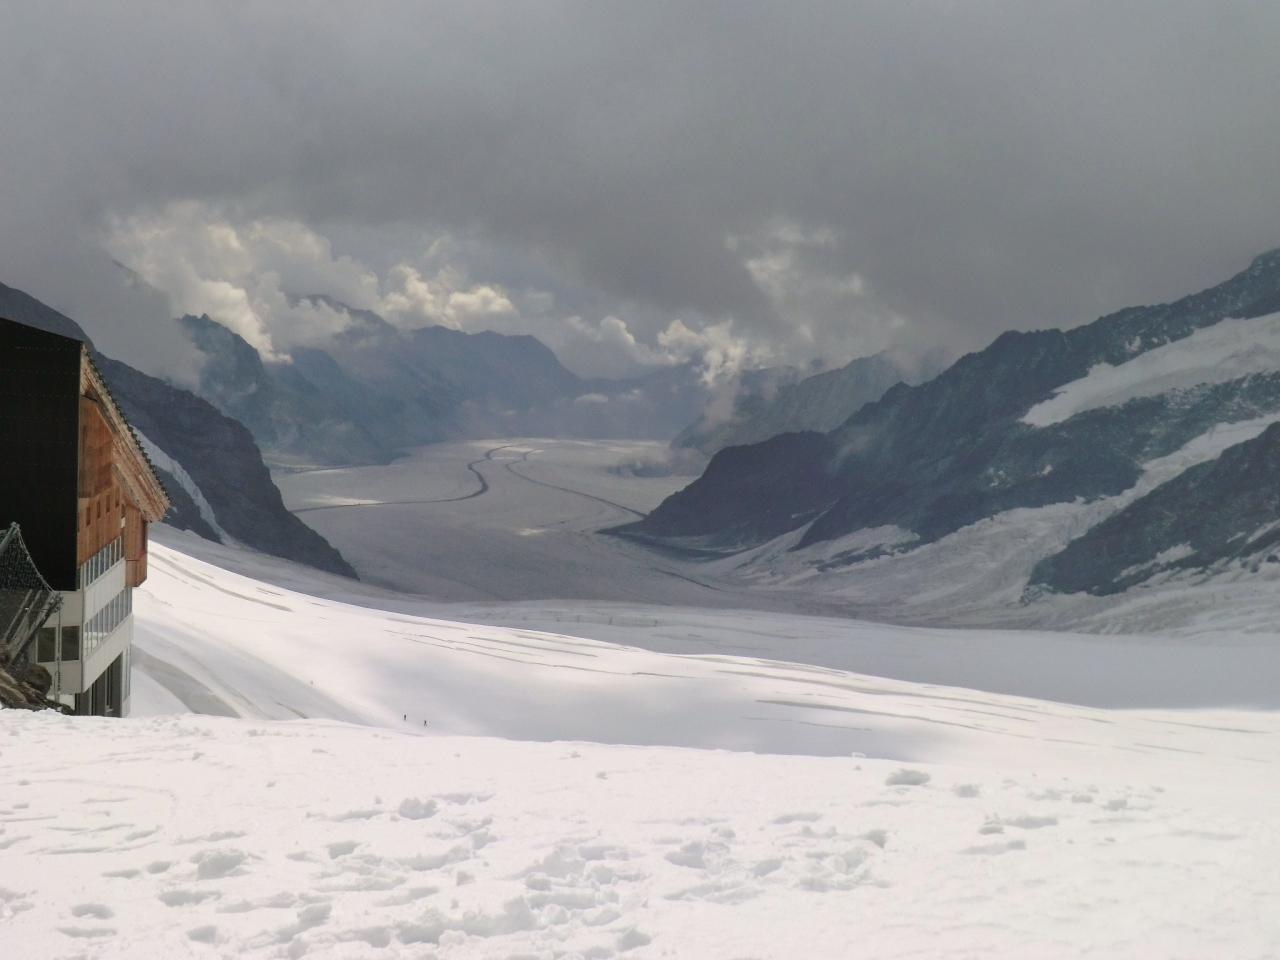 アレッチ氷河の画像 p1_32